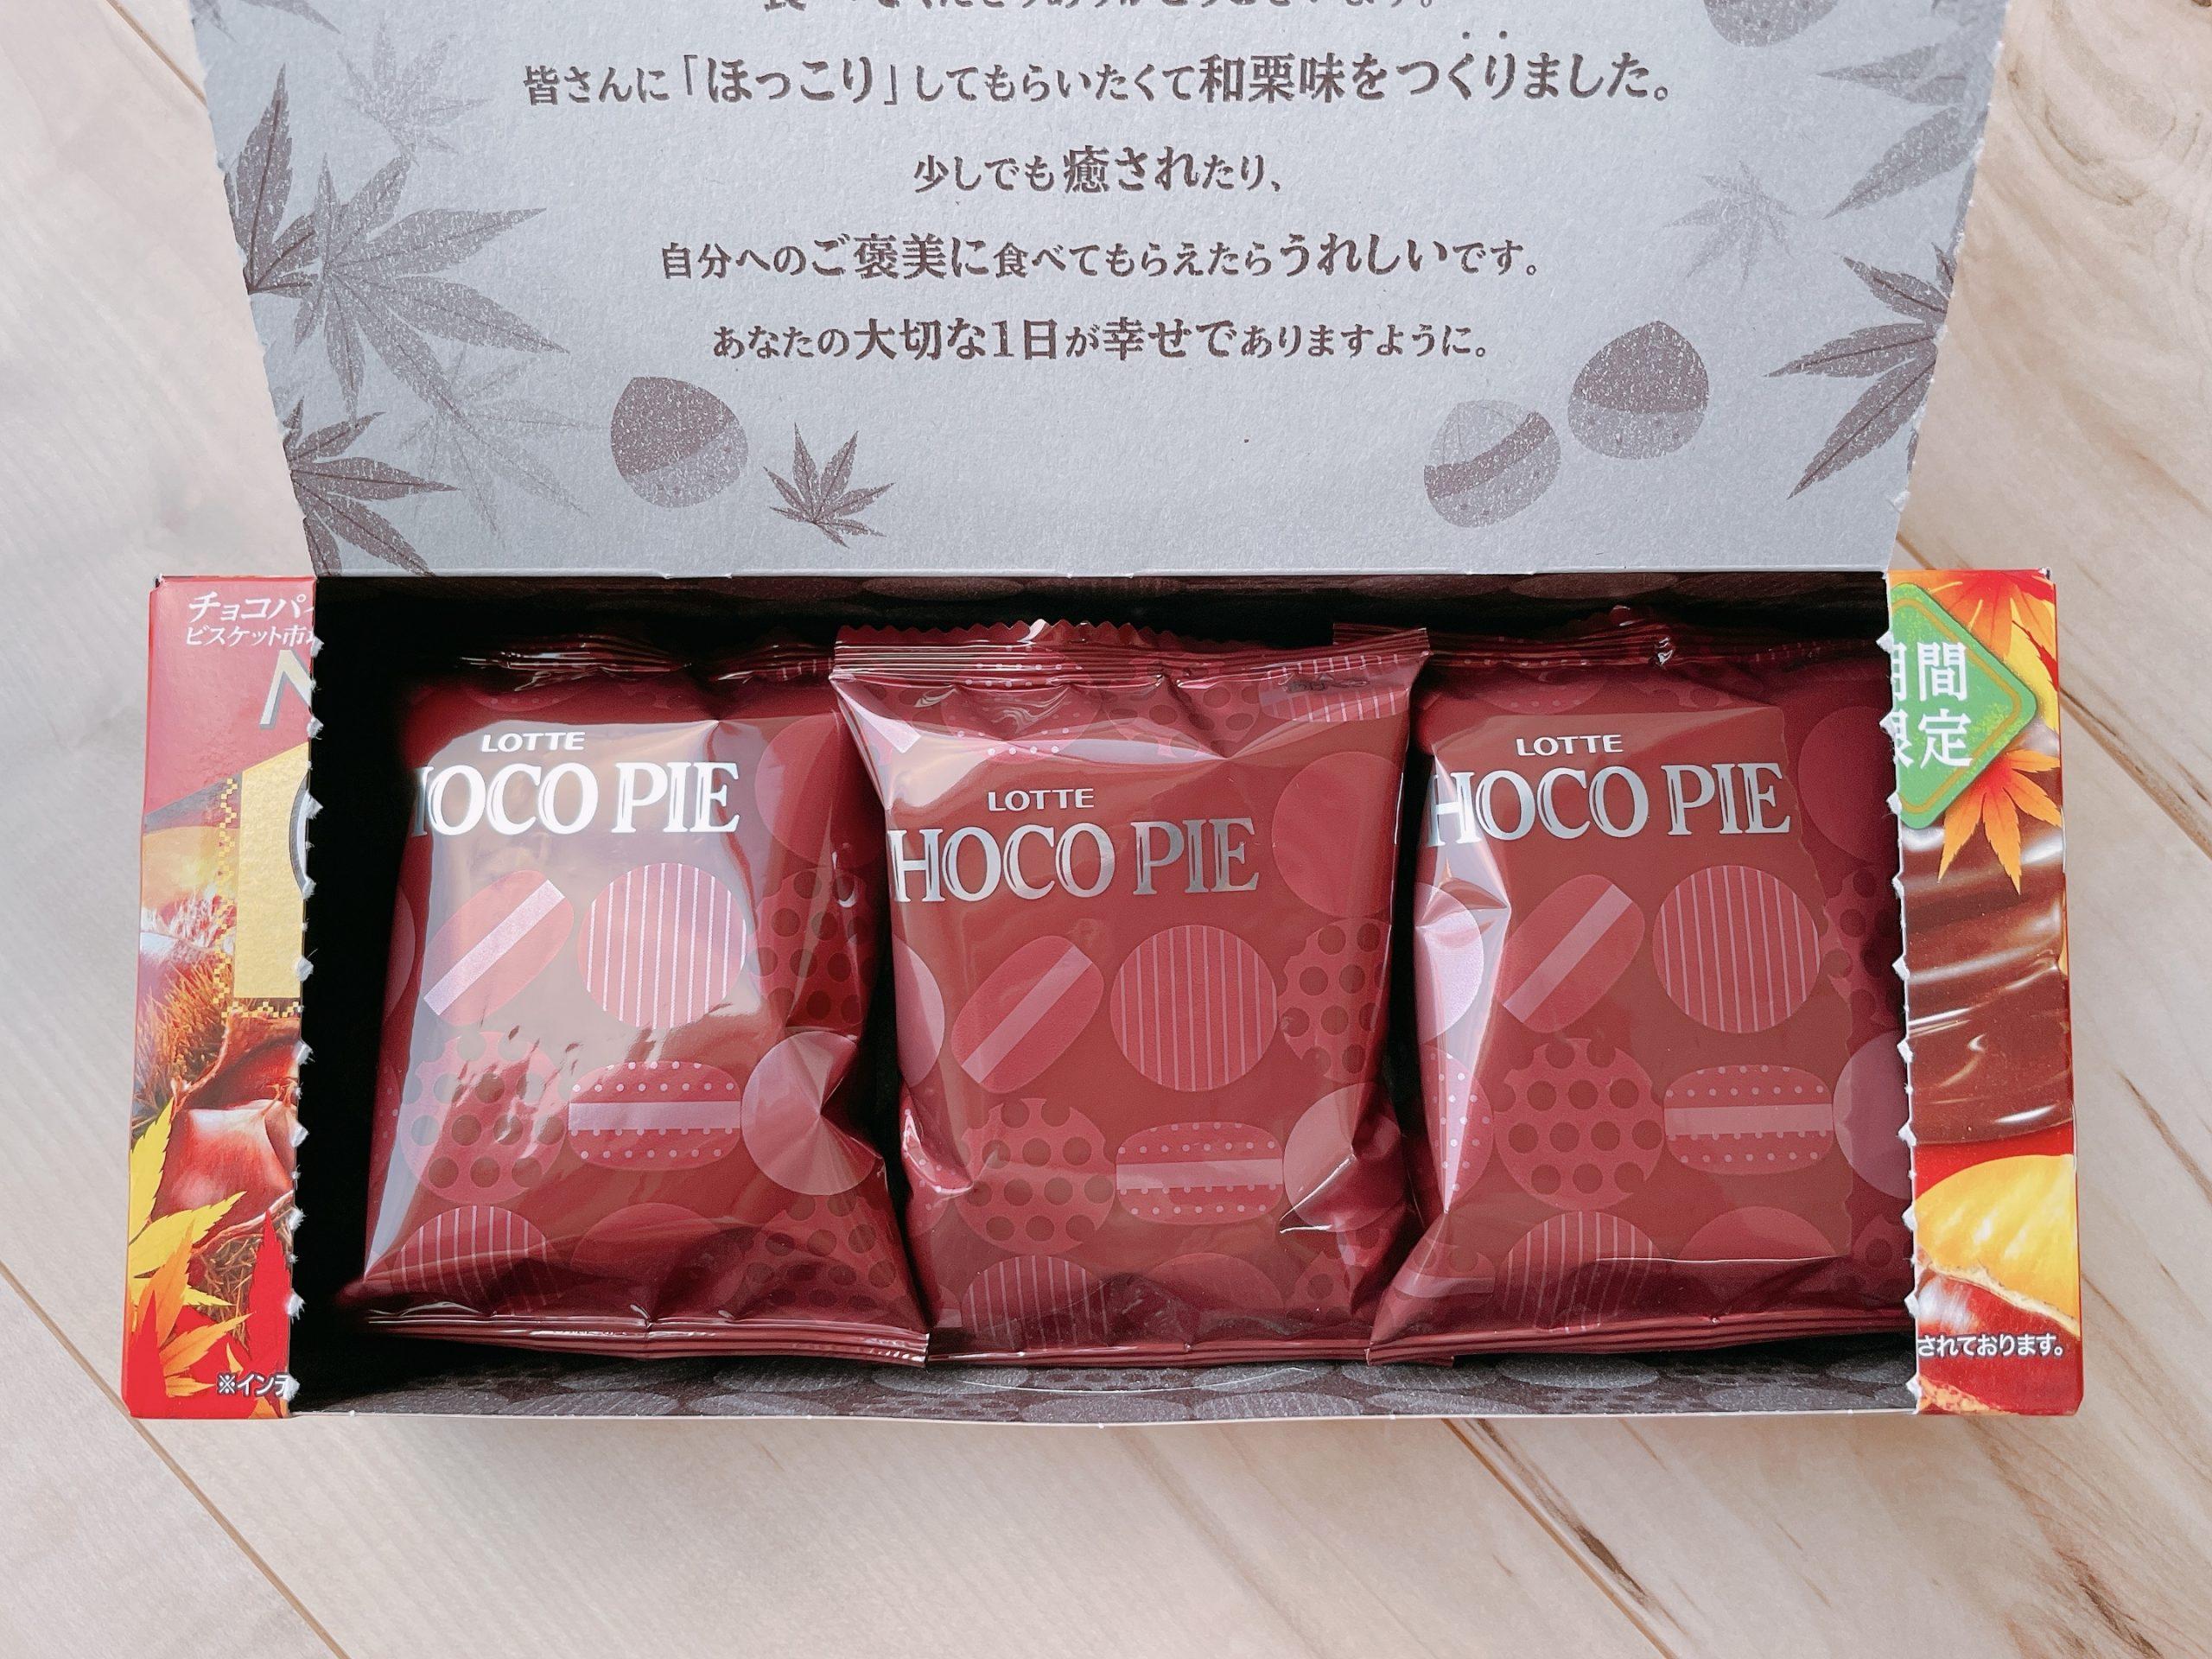 チョコパイ<和栗>の箱開封